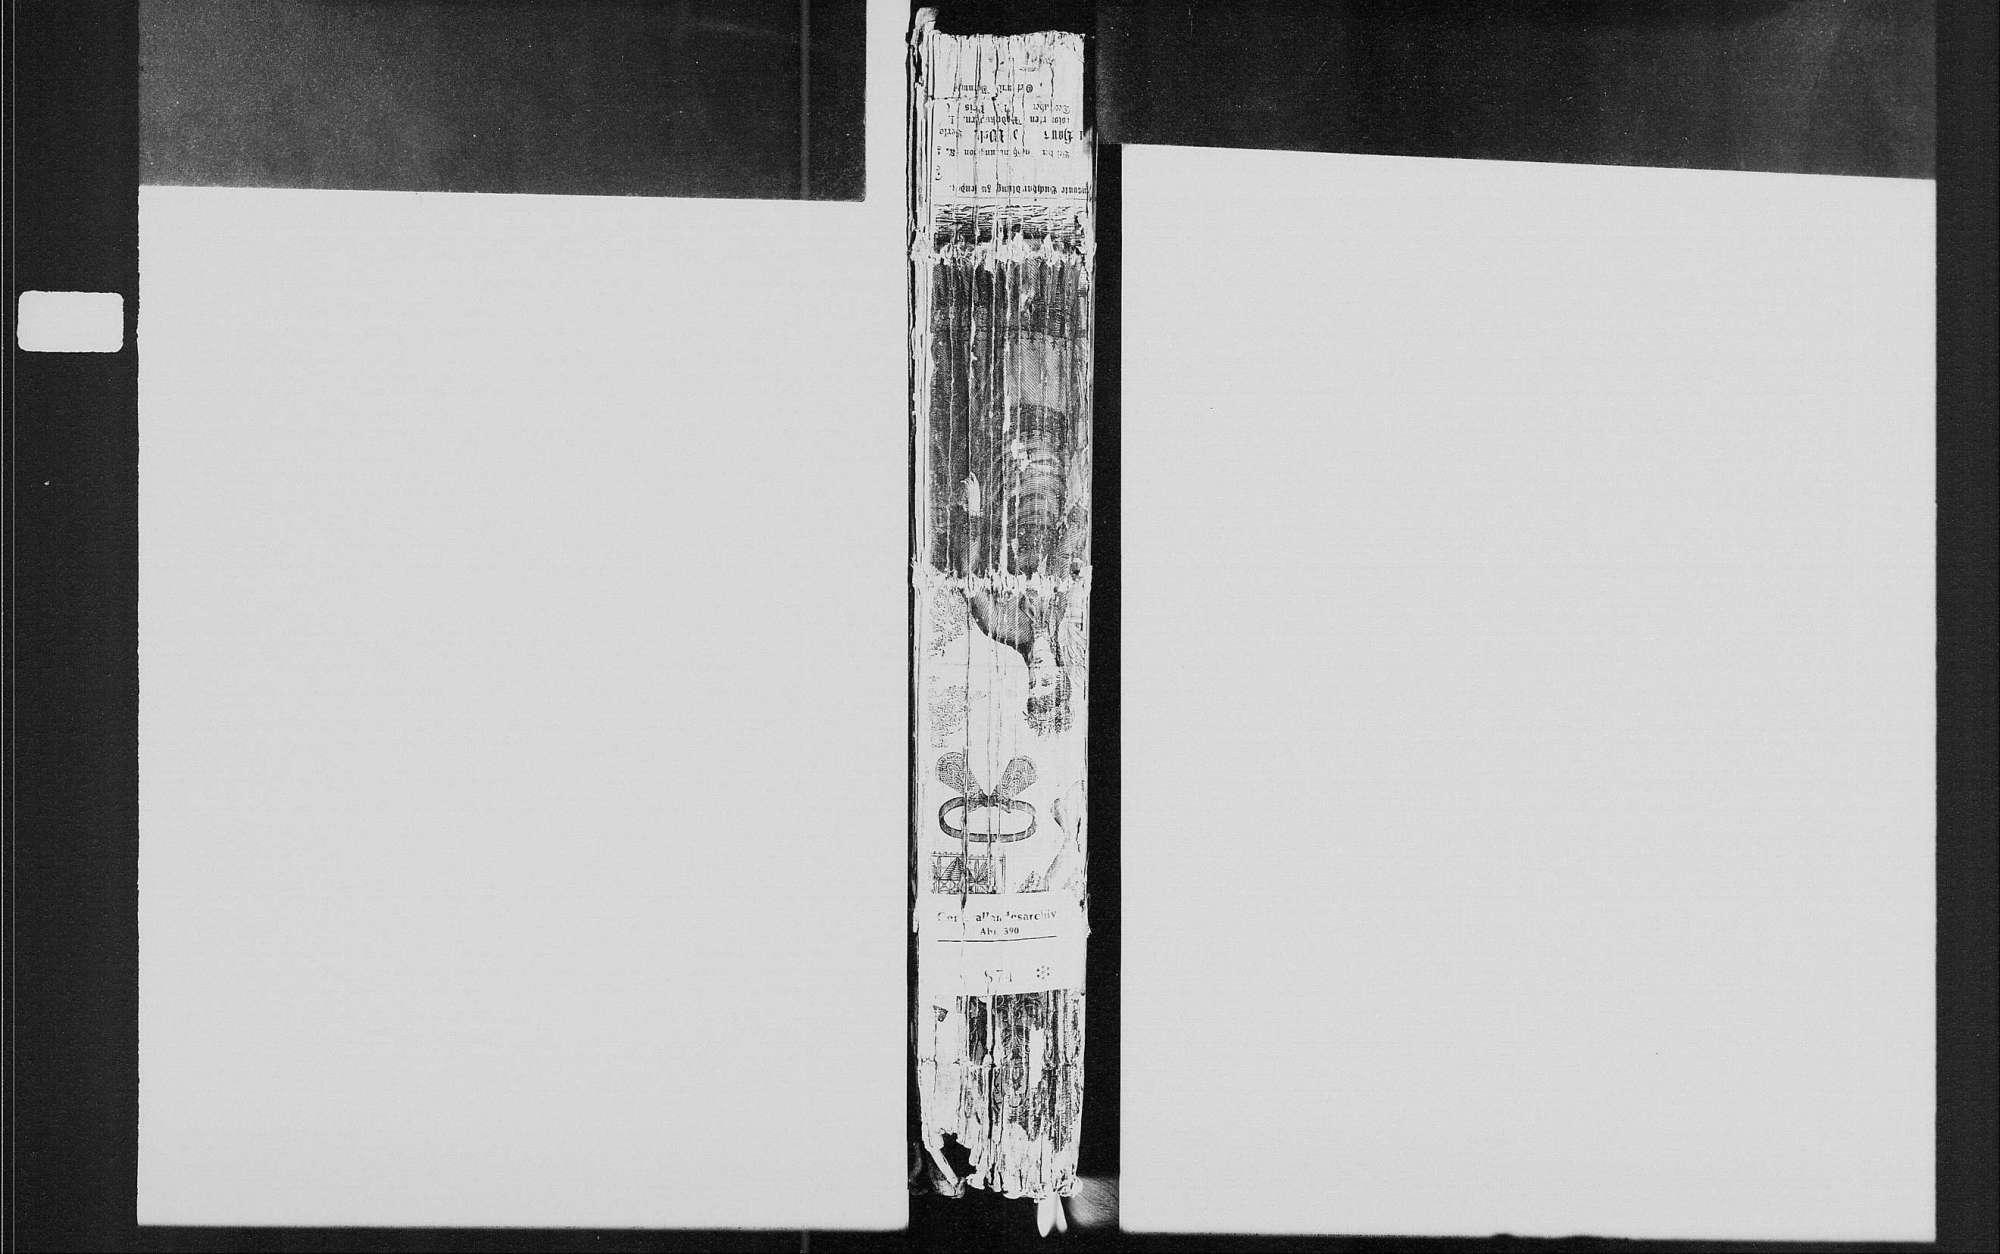 Greffern, katholische Gemeinde: Geburtenbuch 1810-1870, Bild 2